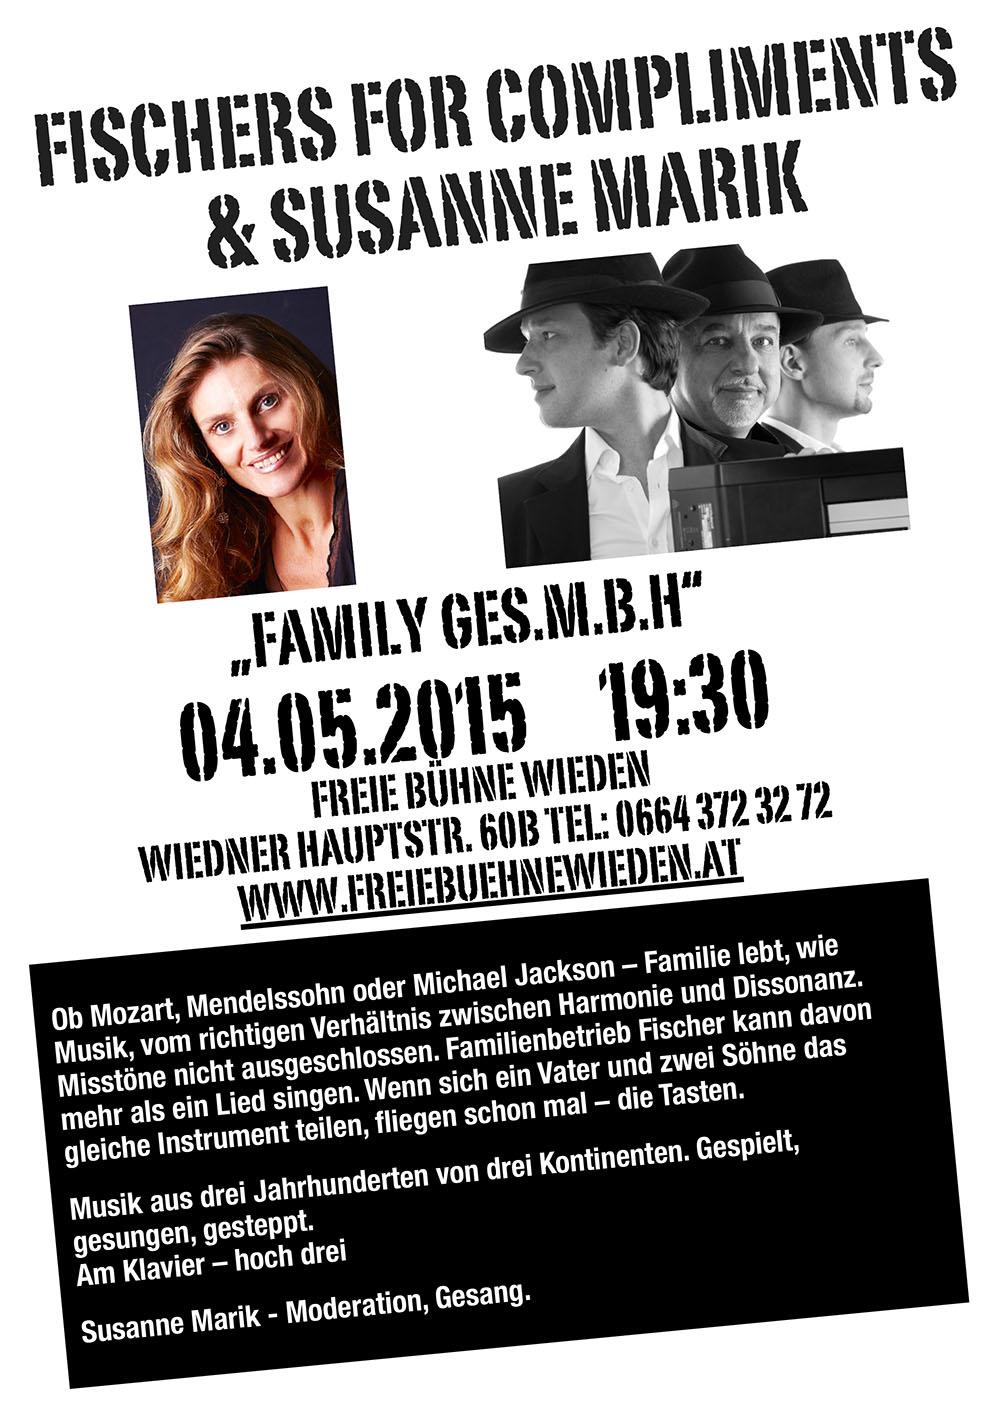 Fischer4Compliments & Susanne Plakat A4